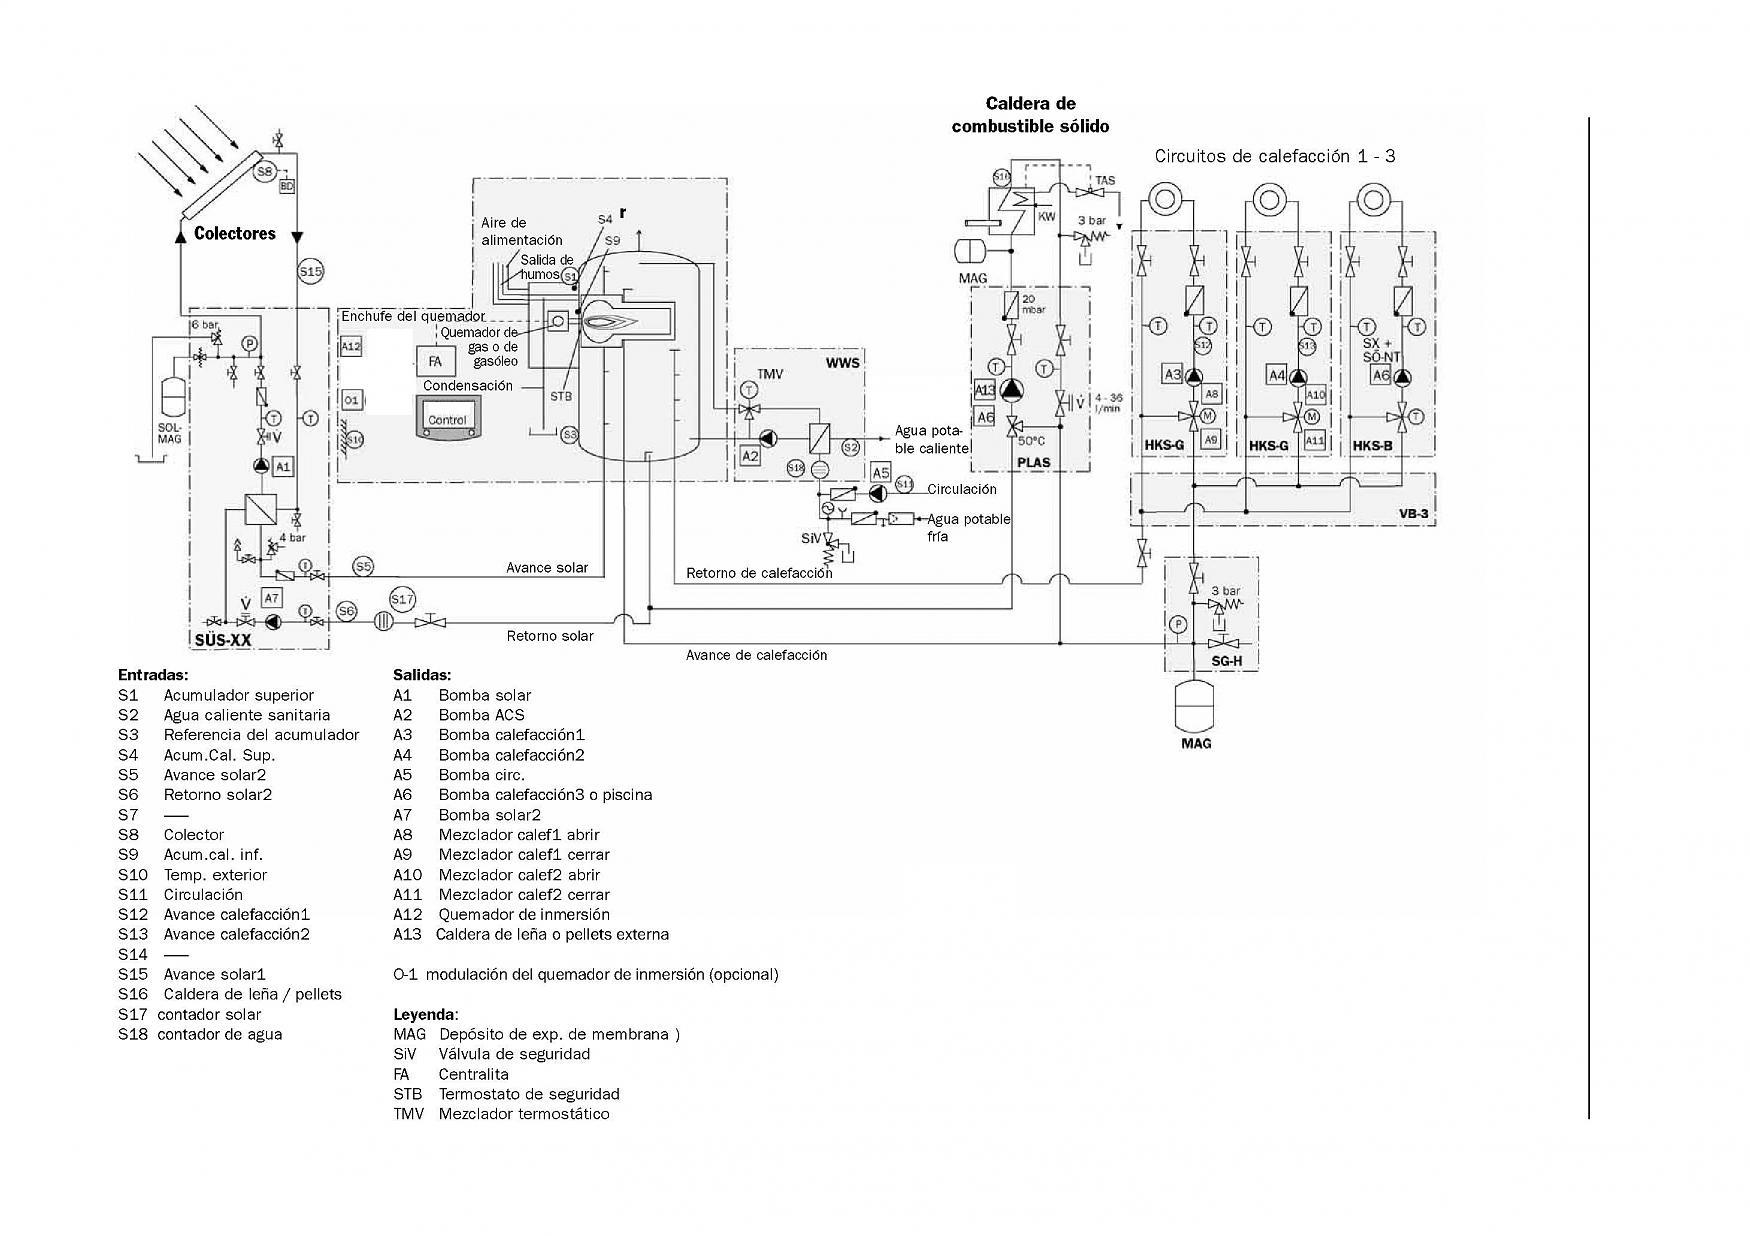 Calefacci n con prioridad solar caldera gestionada for Cuanto cobran por instalar una caldera de gas